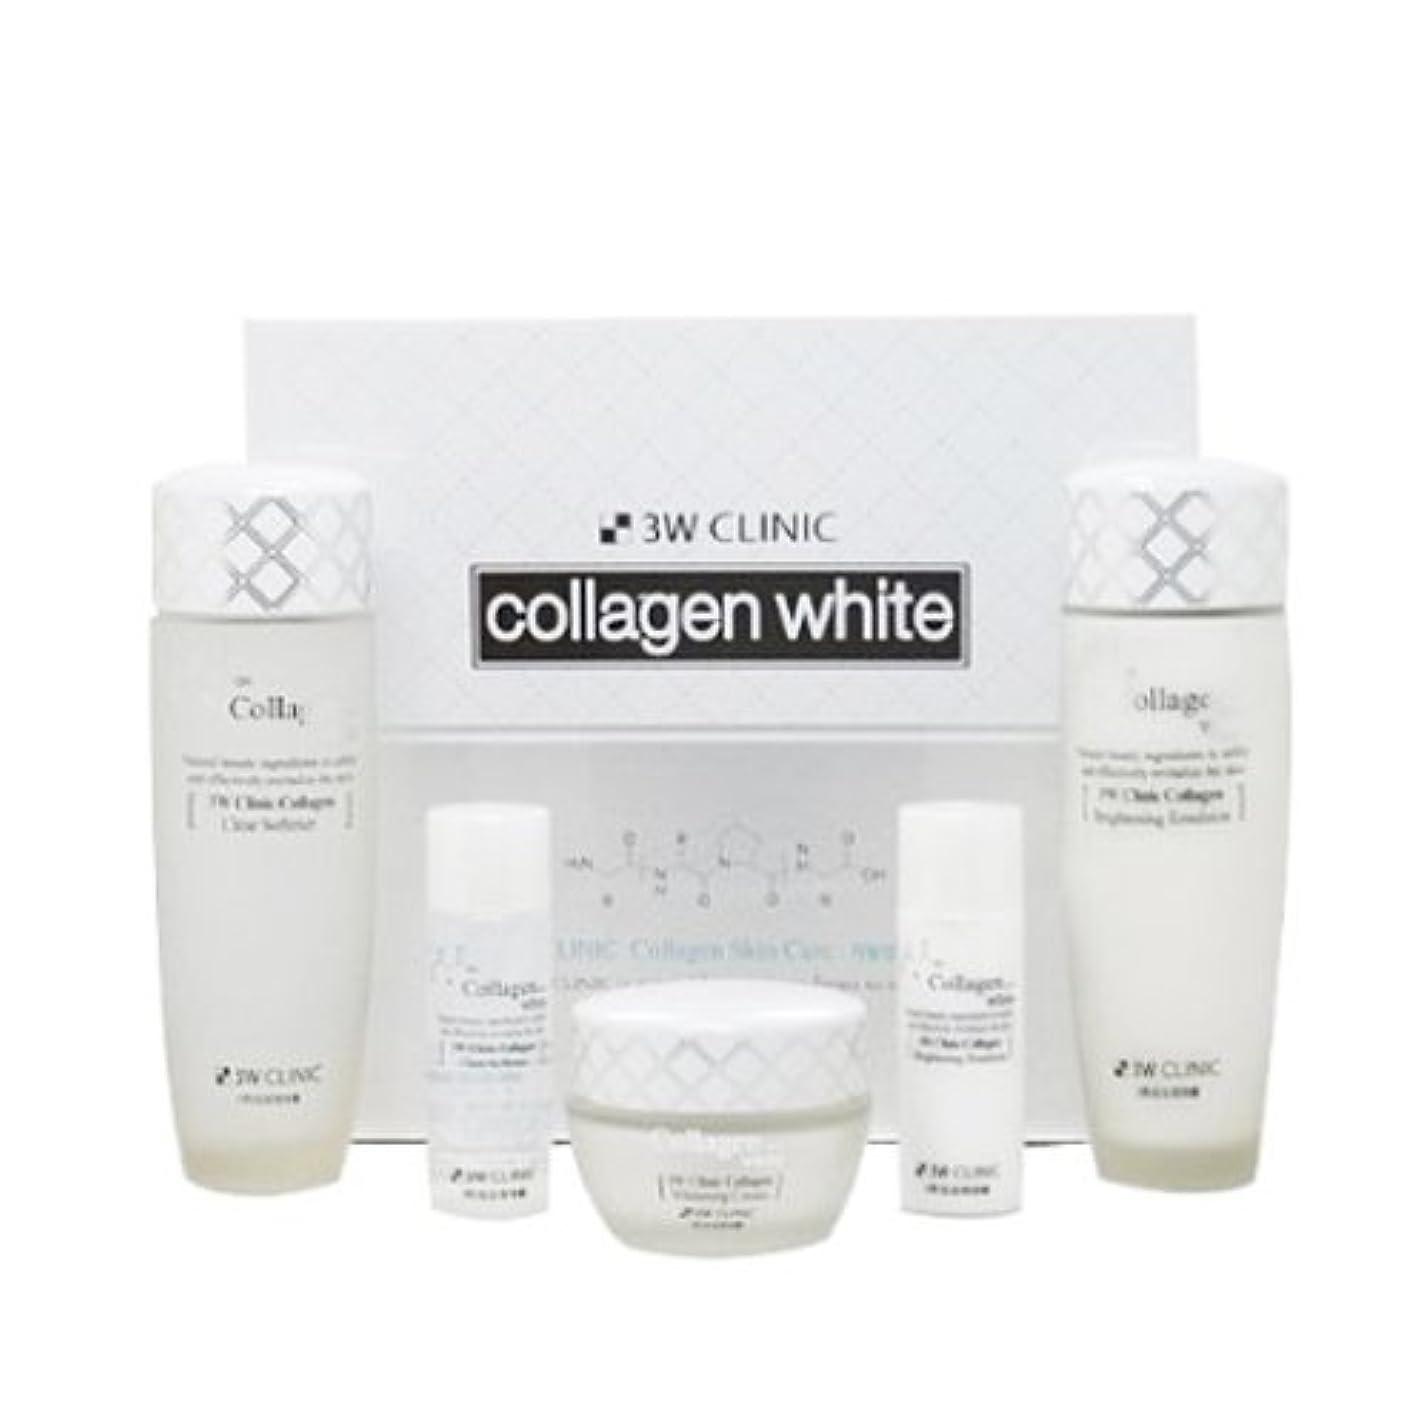 滝事業内容宣伝3Wクリニック[韓国コスメ3w Clinic]Collagen White Skin Care コラーゲンホワイトスキンケア3セット樹液,乳液,クリーム [並行輸入品]